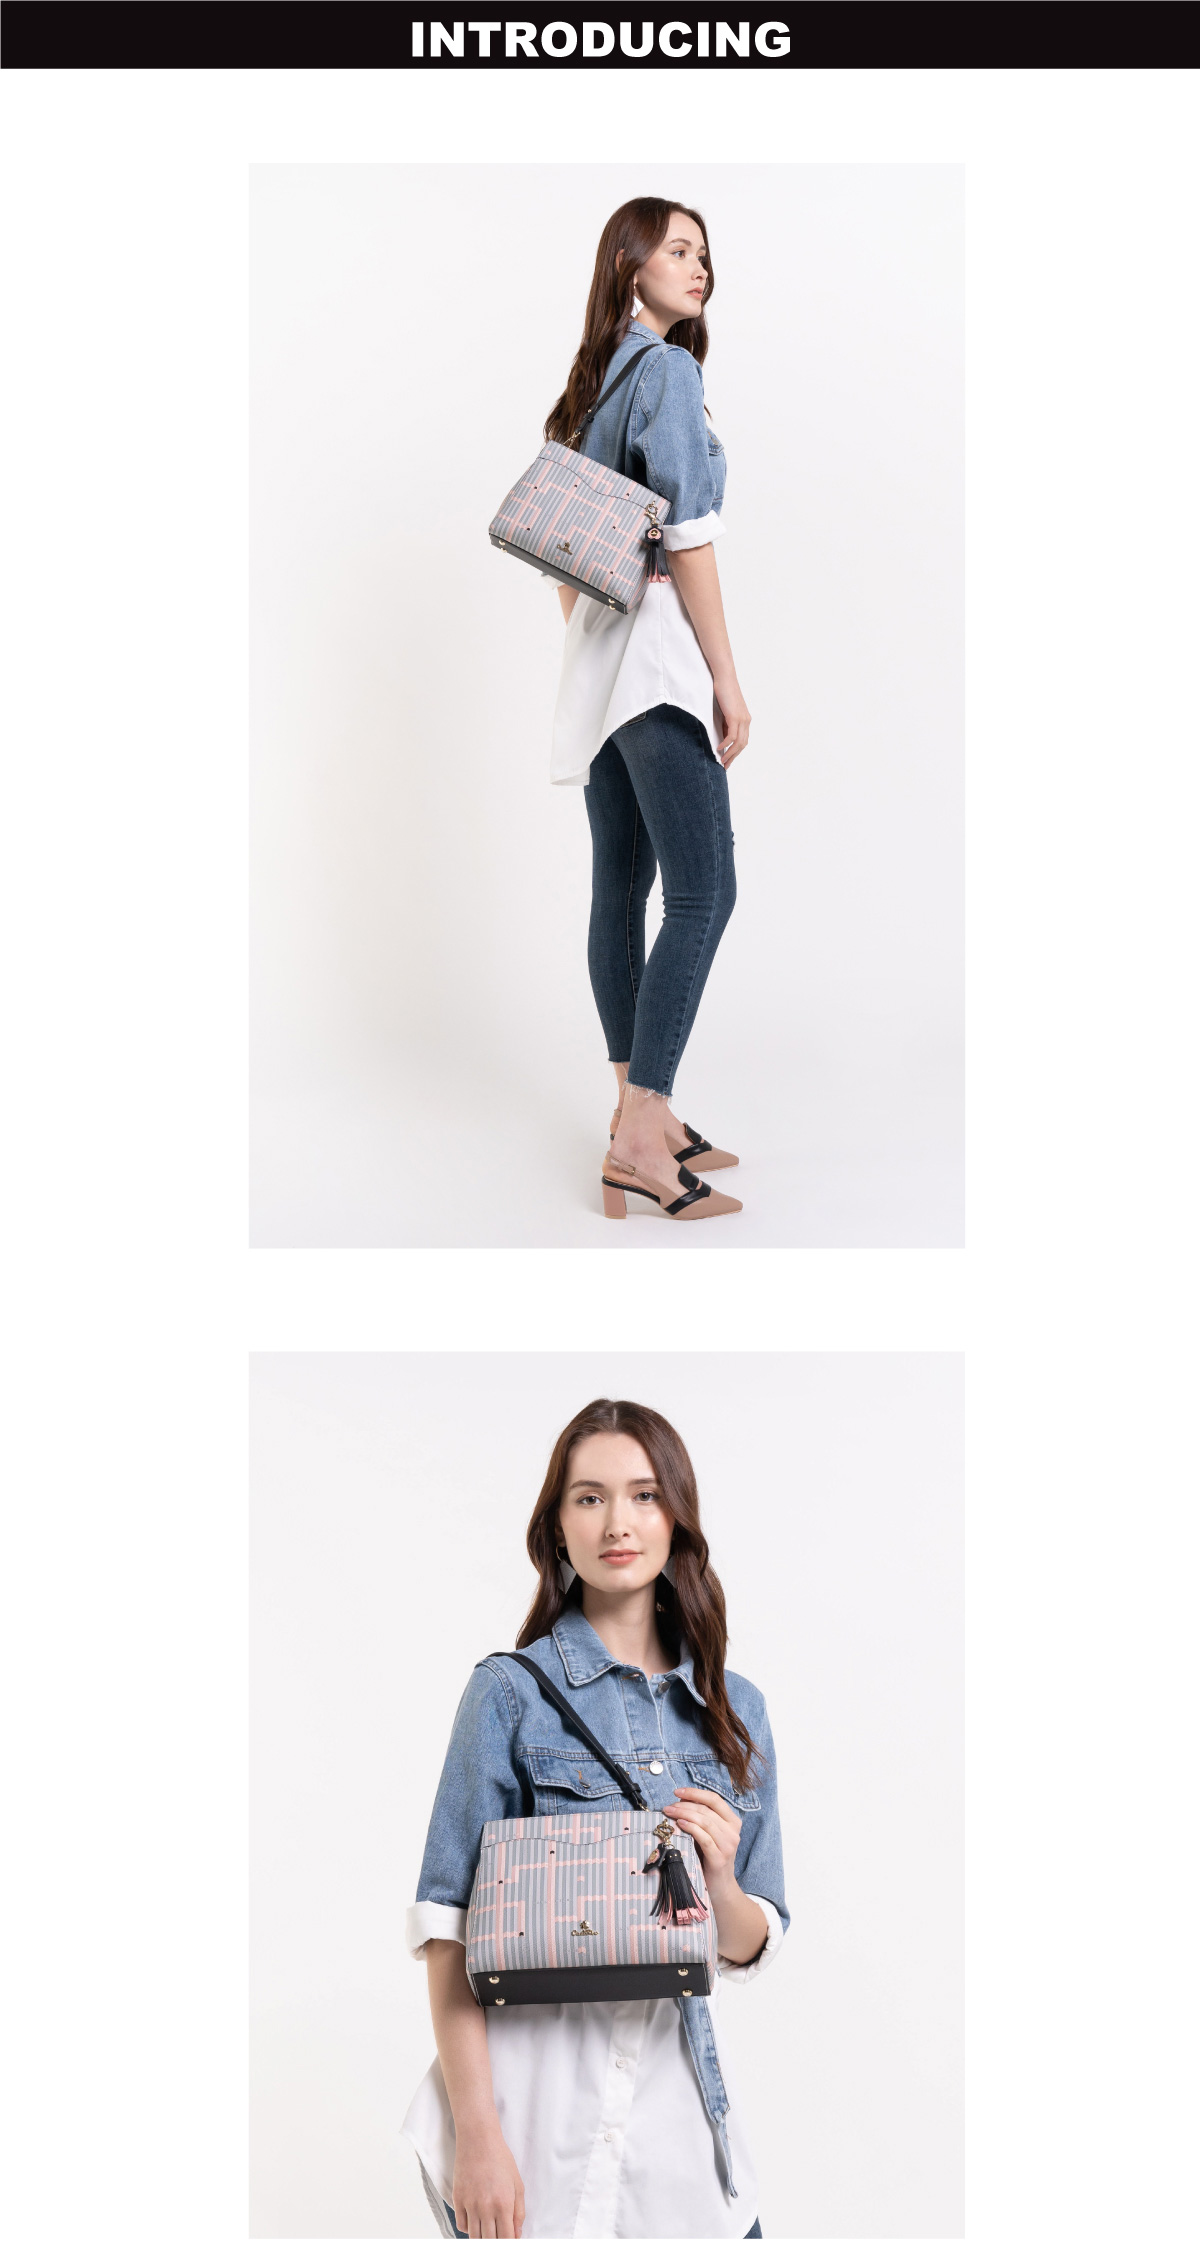 0305028J 004 01 - Miss Snowball Shoulder Bag